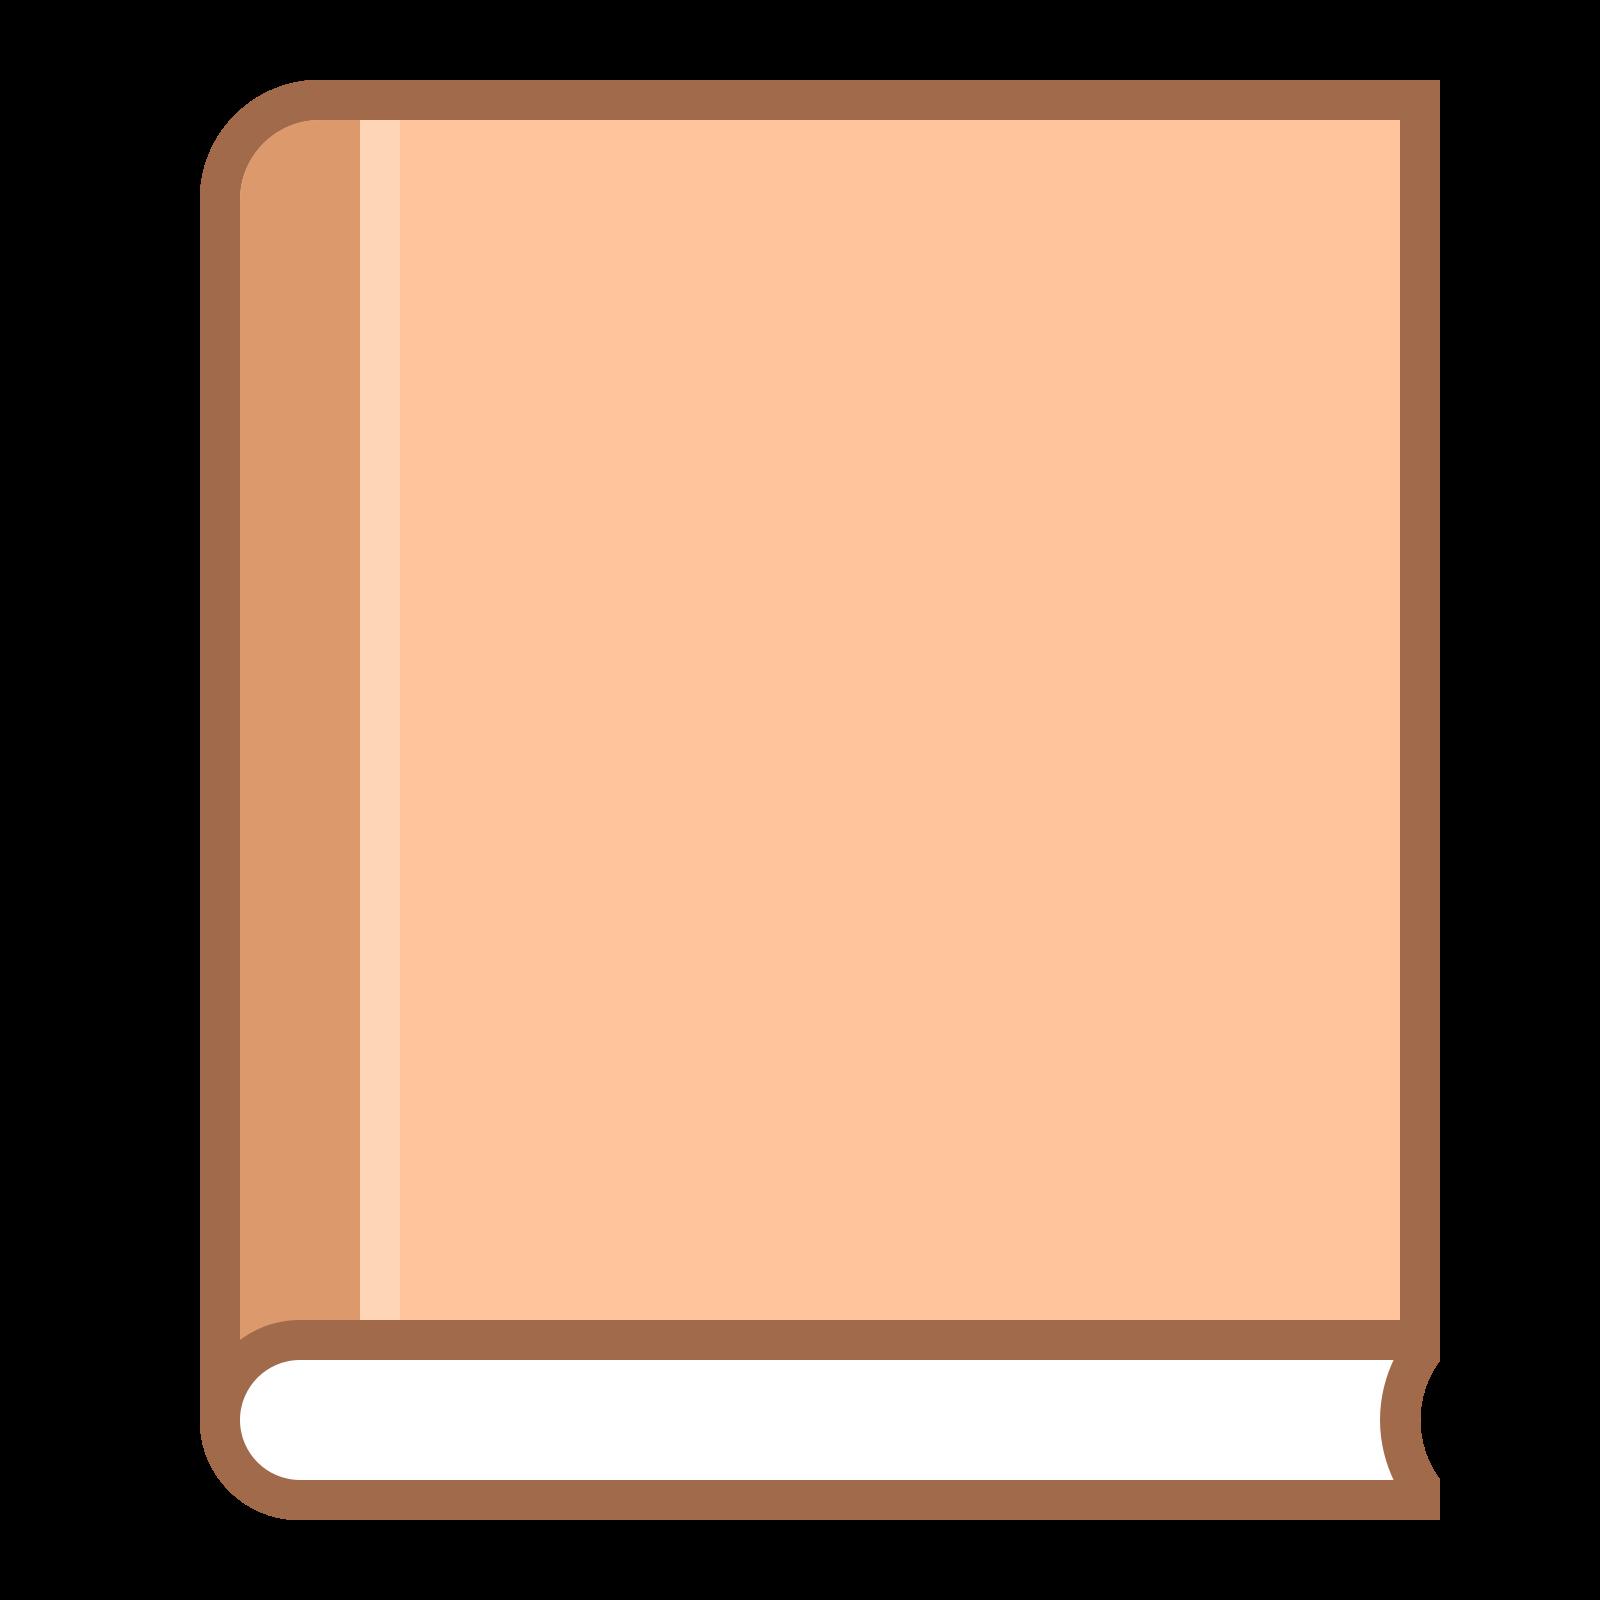 Czytać icon